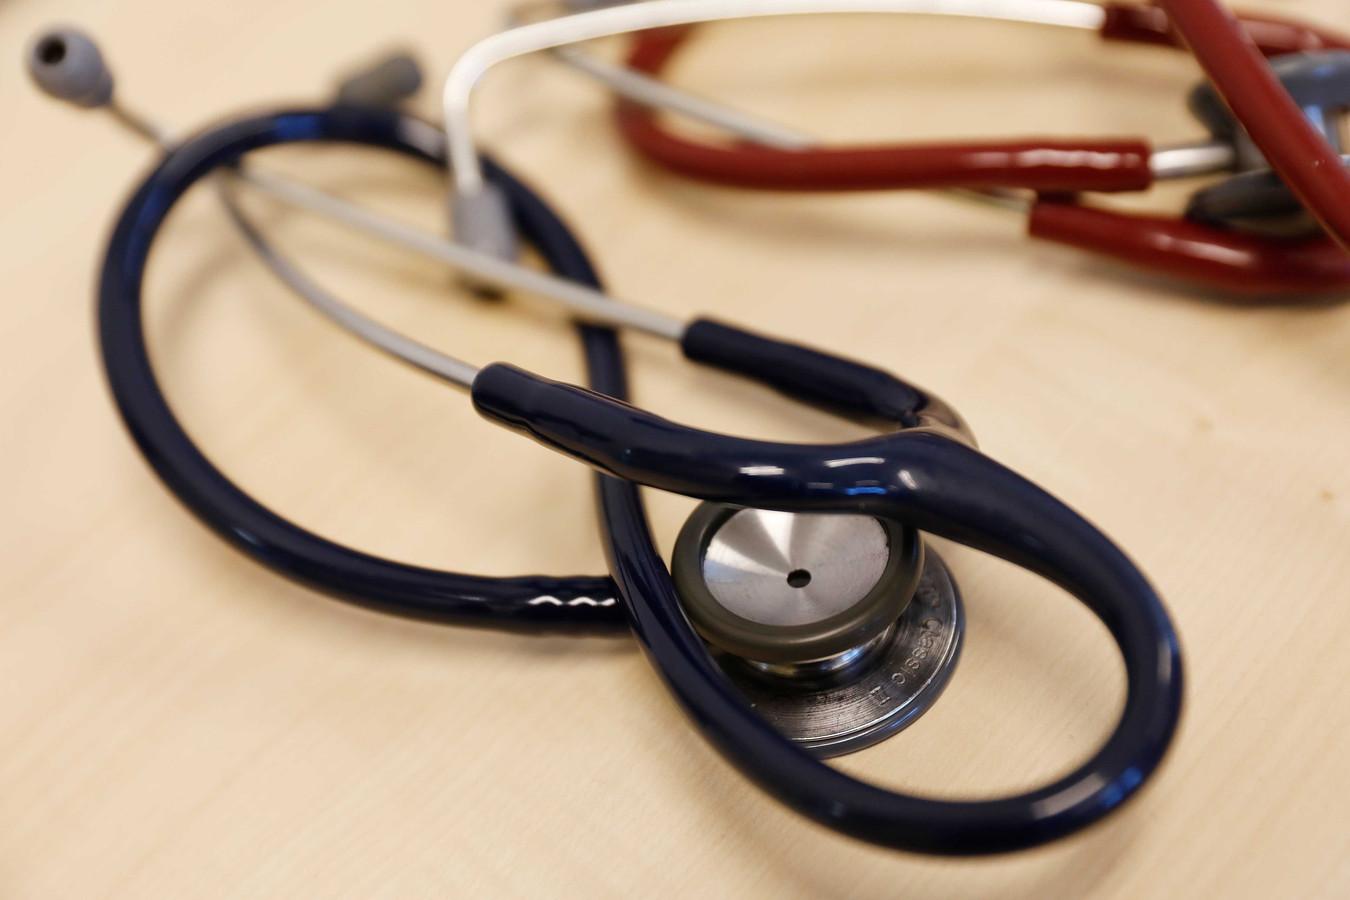 Iedere huisarts moet aan zijn patiënten vooraf laten weten hoe hij of zij denkt over euthanasie. Regeringspartij VVD wil dat regelen.